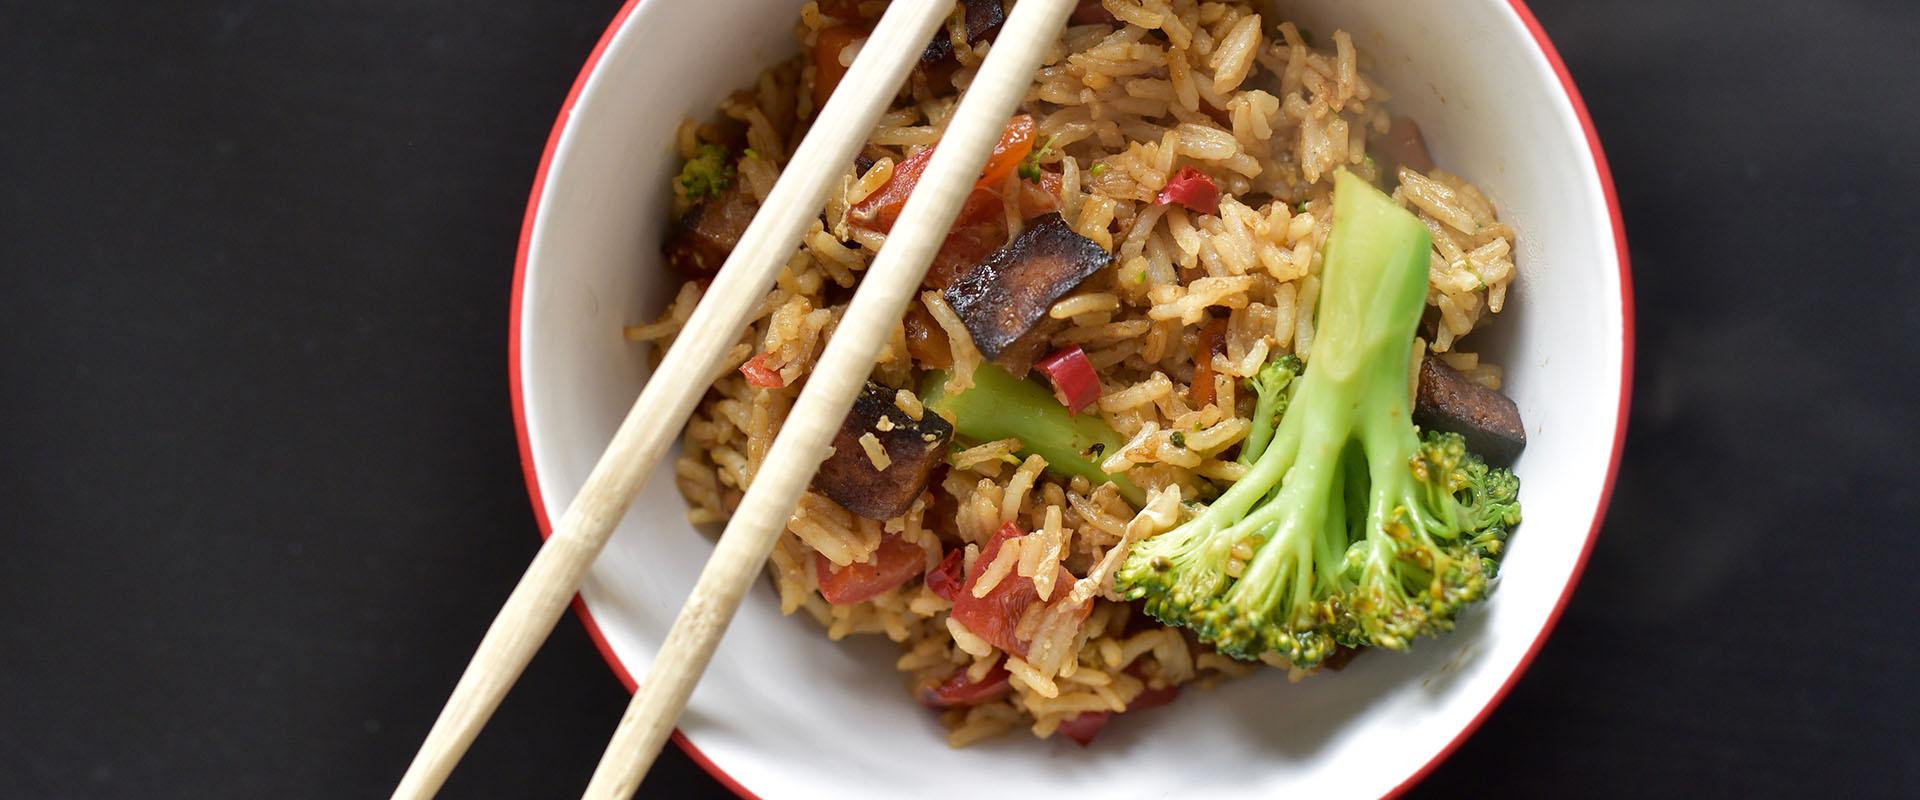 sült rizs - cover